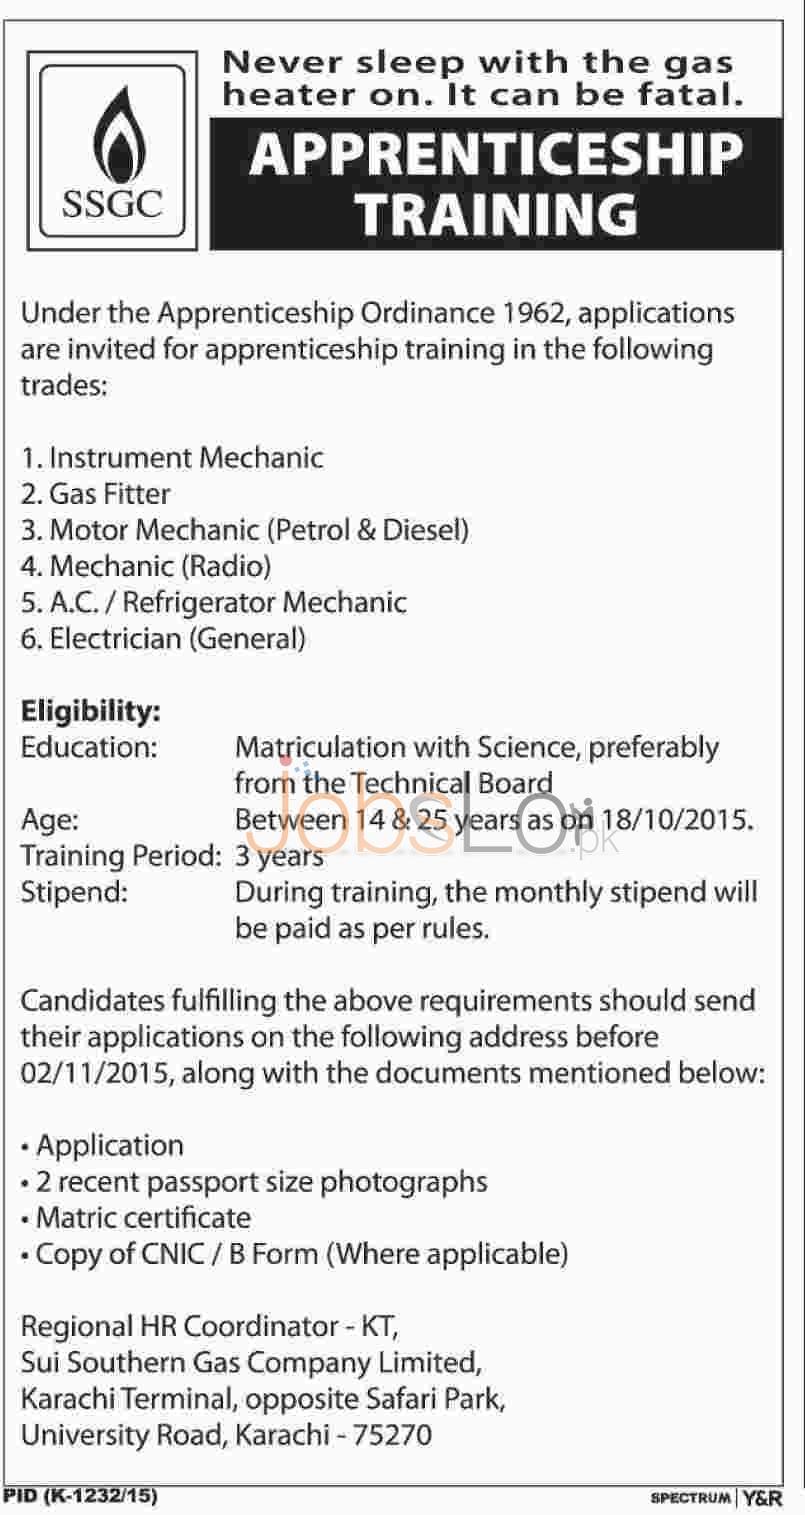 SSGC Apprenticeship Training